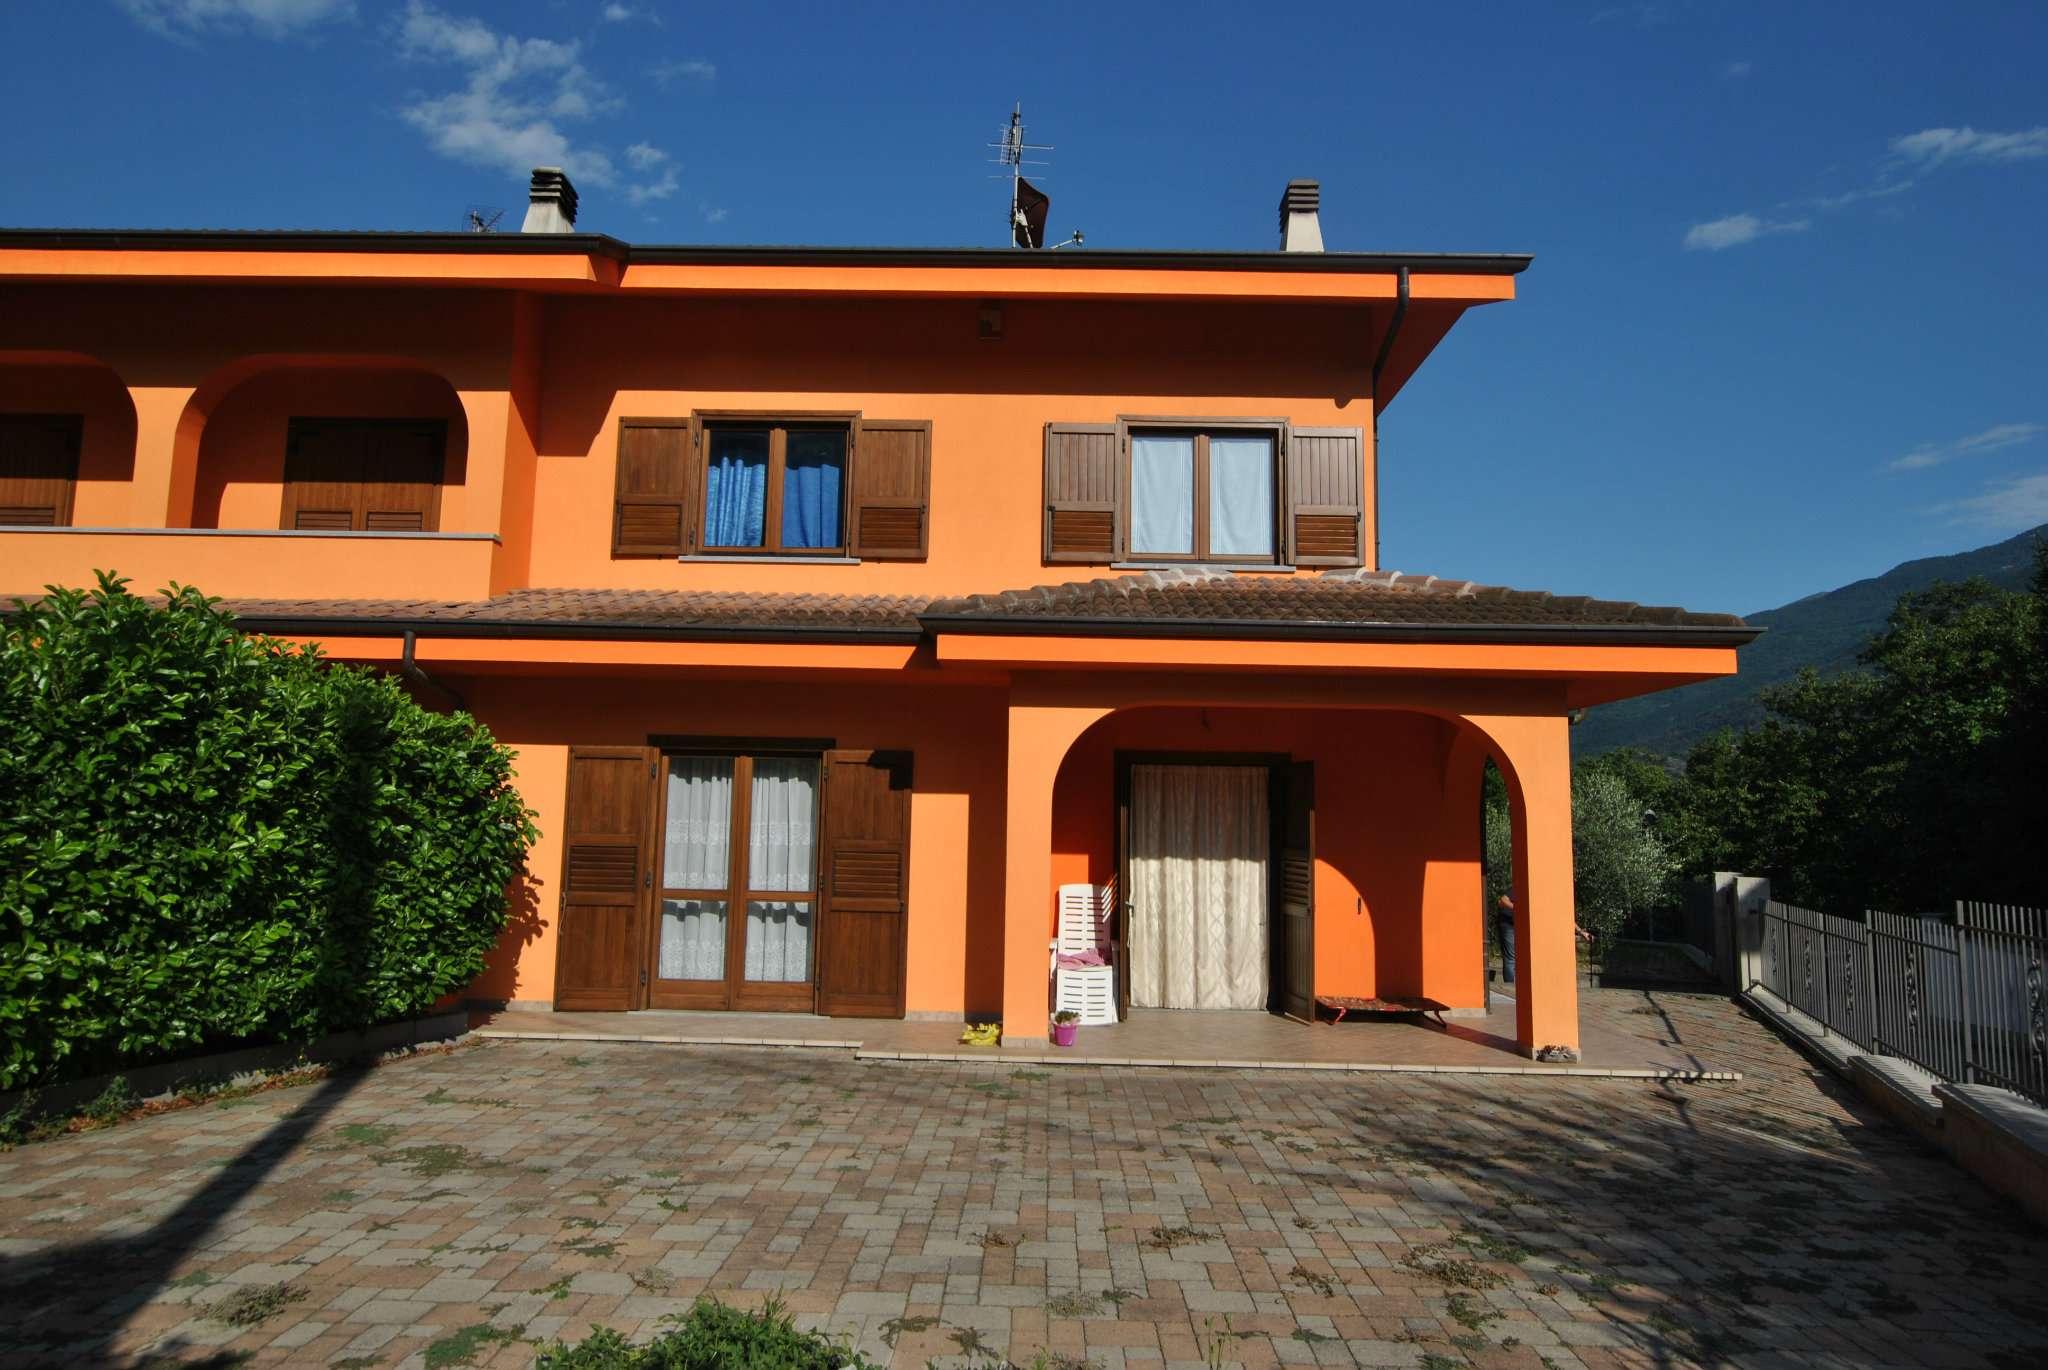 Foto 1 di Villa a Schiera via San Rocco, frazione Foresto, Bussoleno